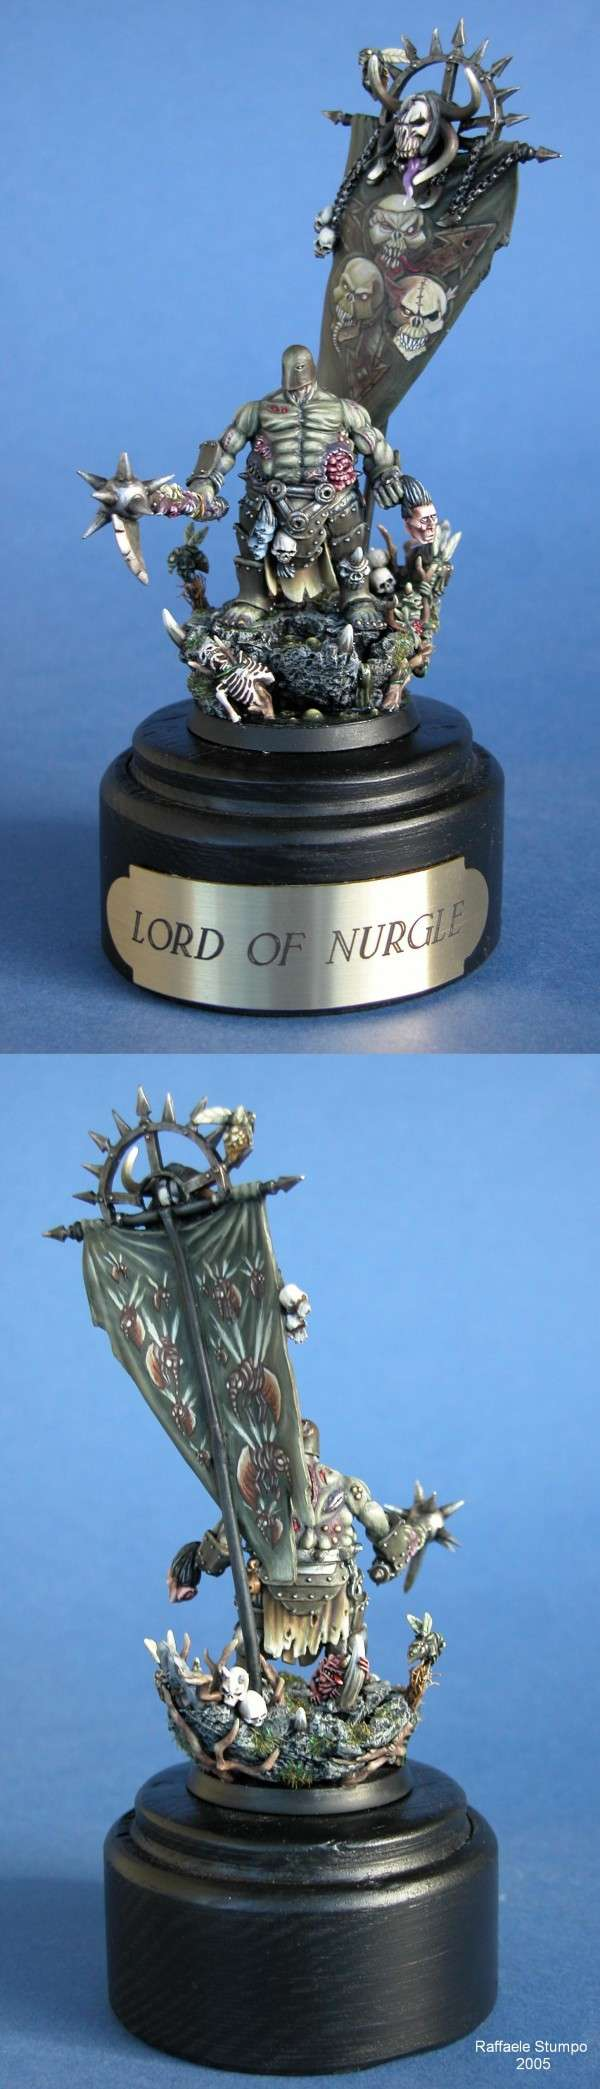 Lord of Nurgle